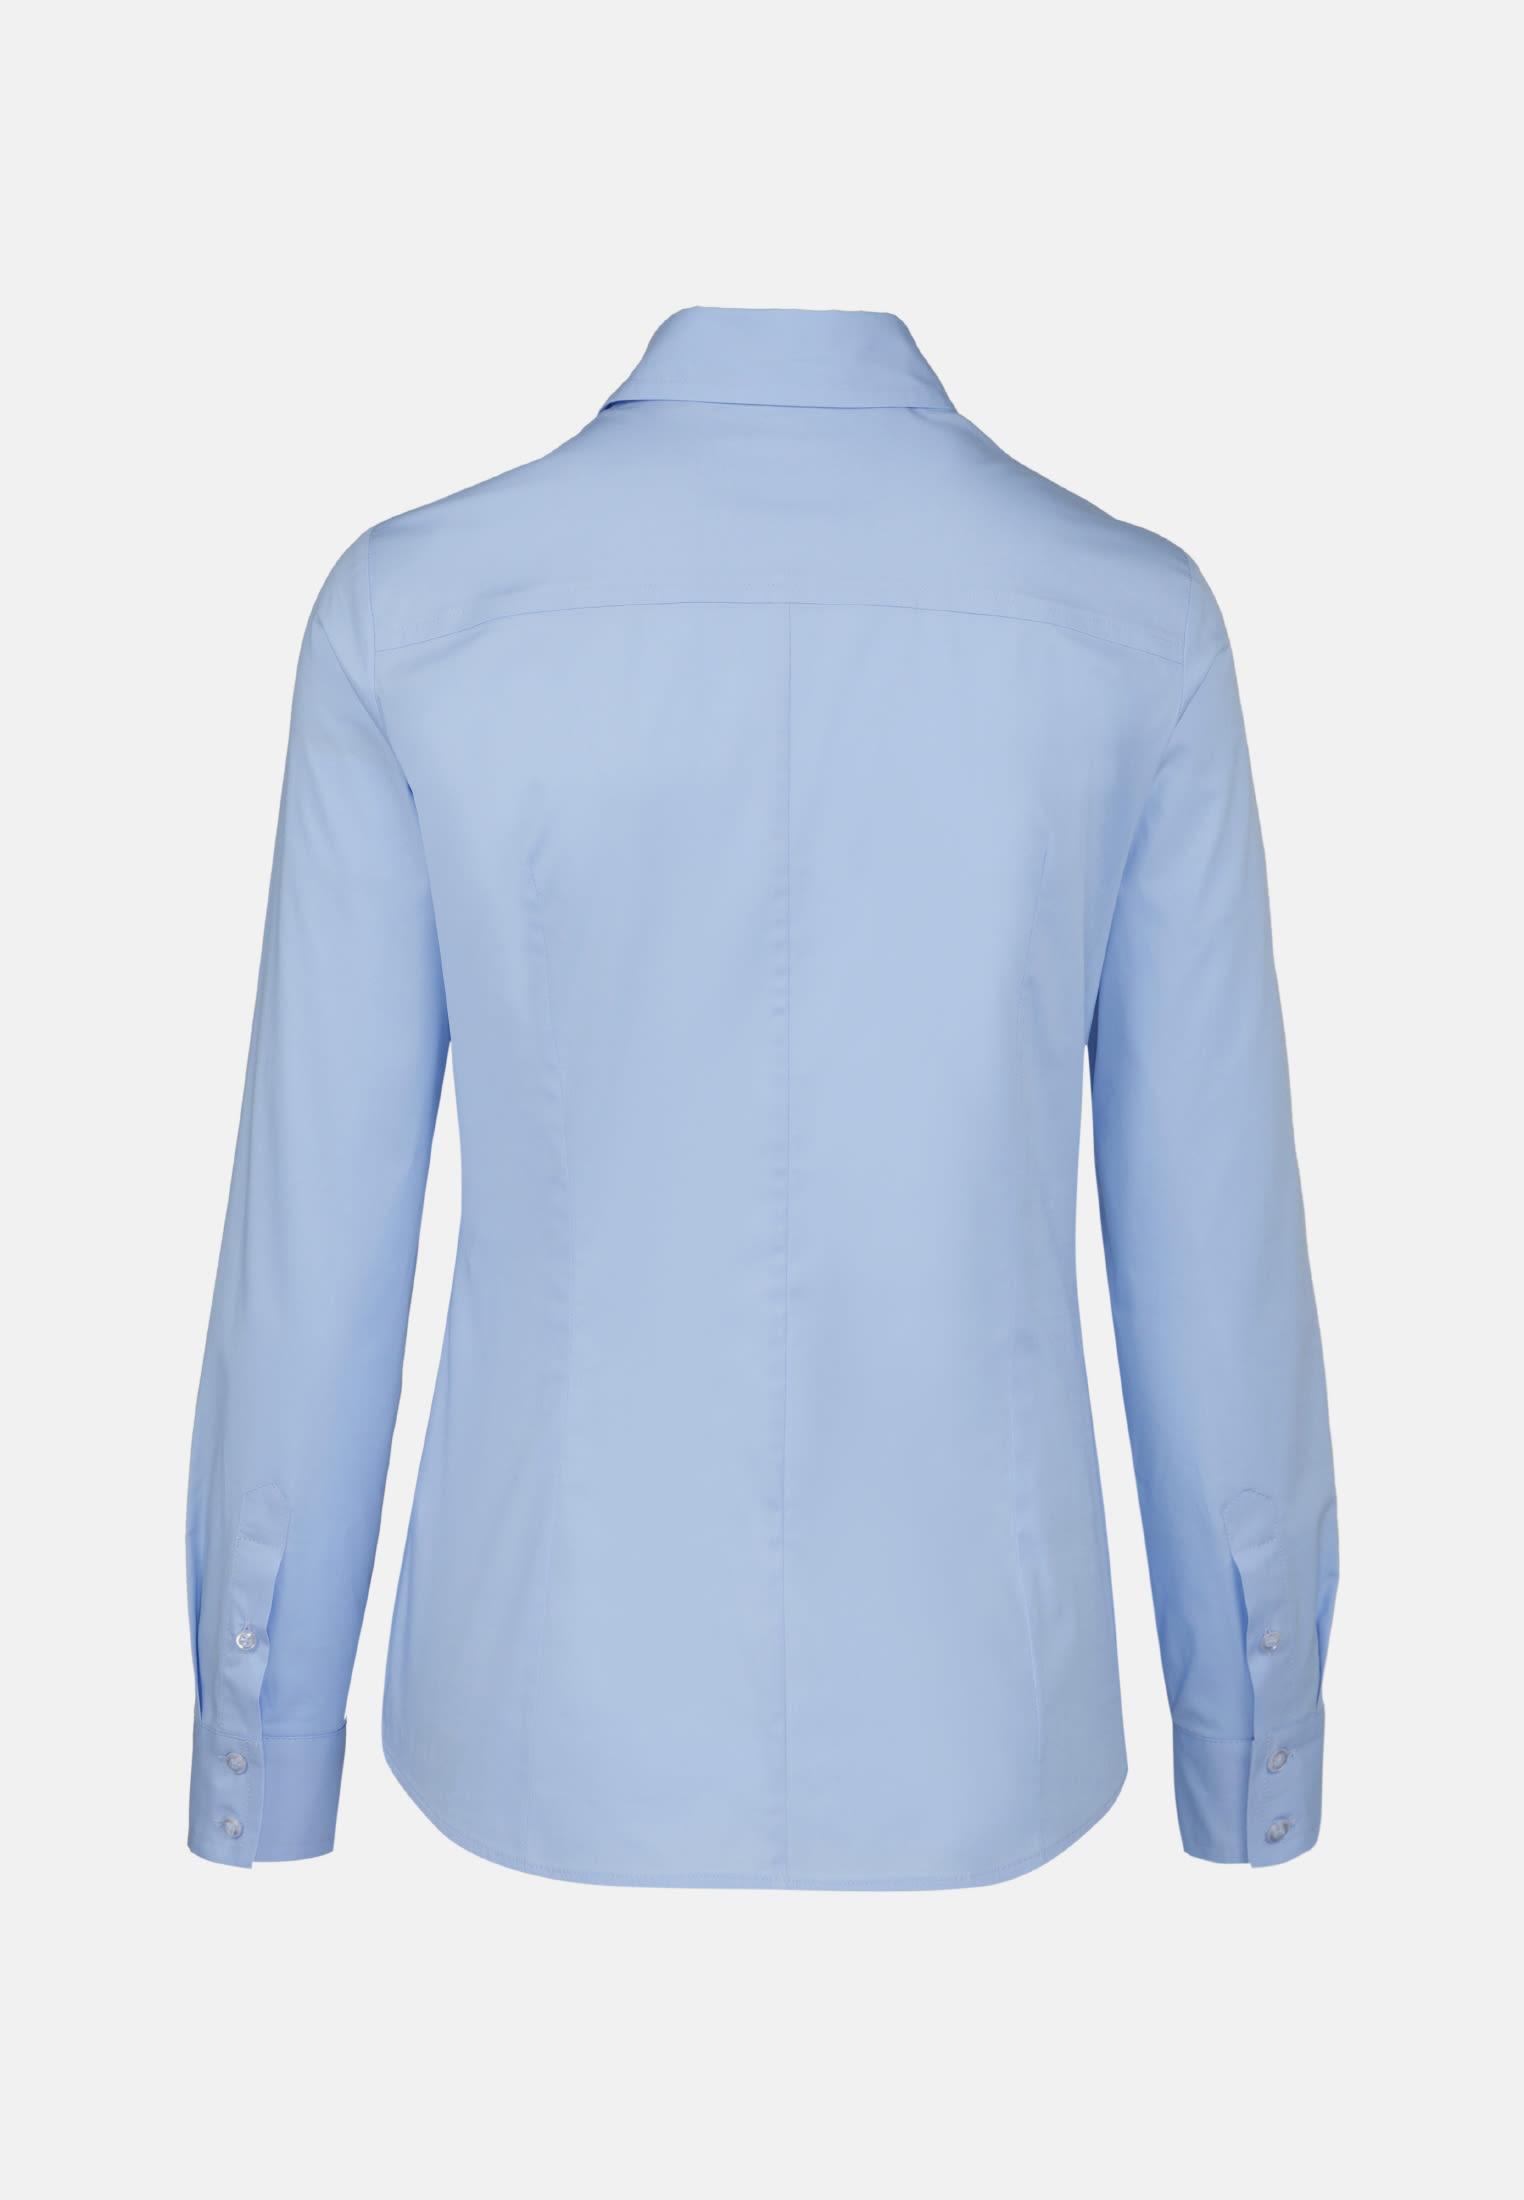 Popeline Hemdbluse aus 96% Baumwolle 4% Elastan in bleu |  Seidensticker Onlineshop